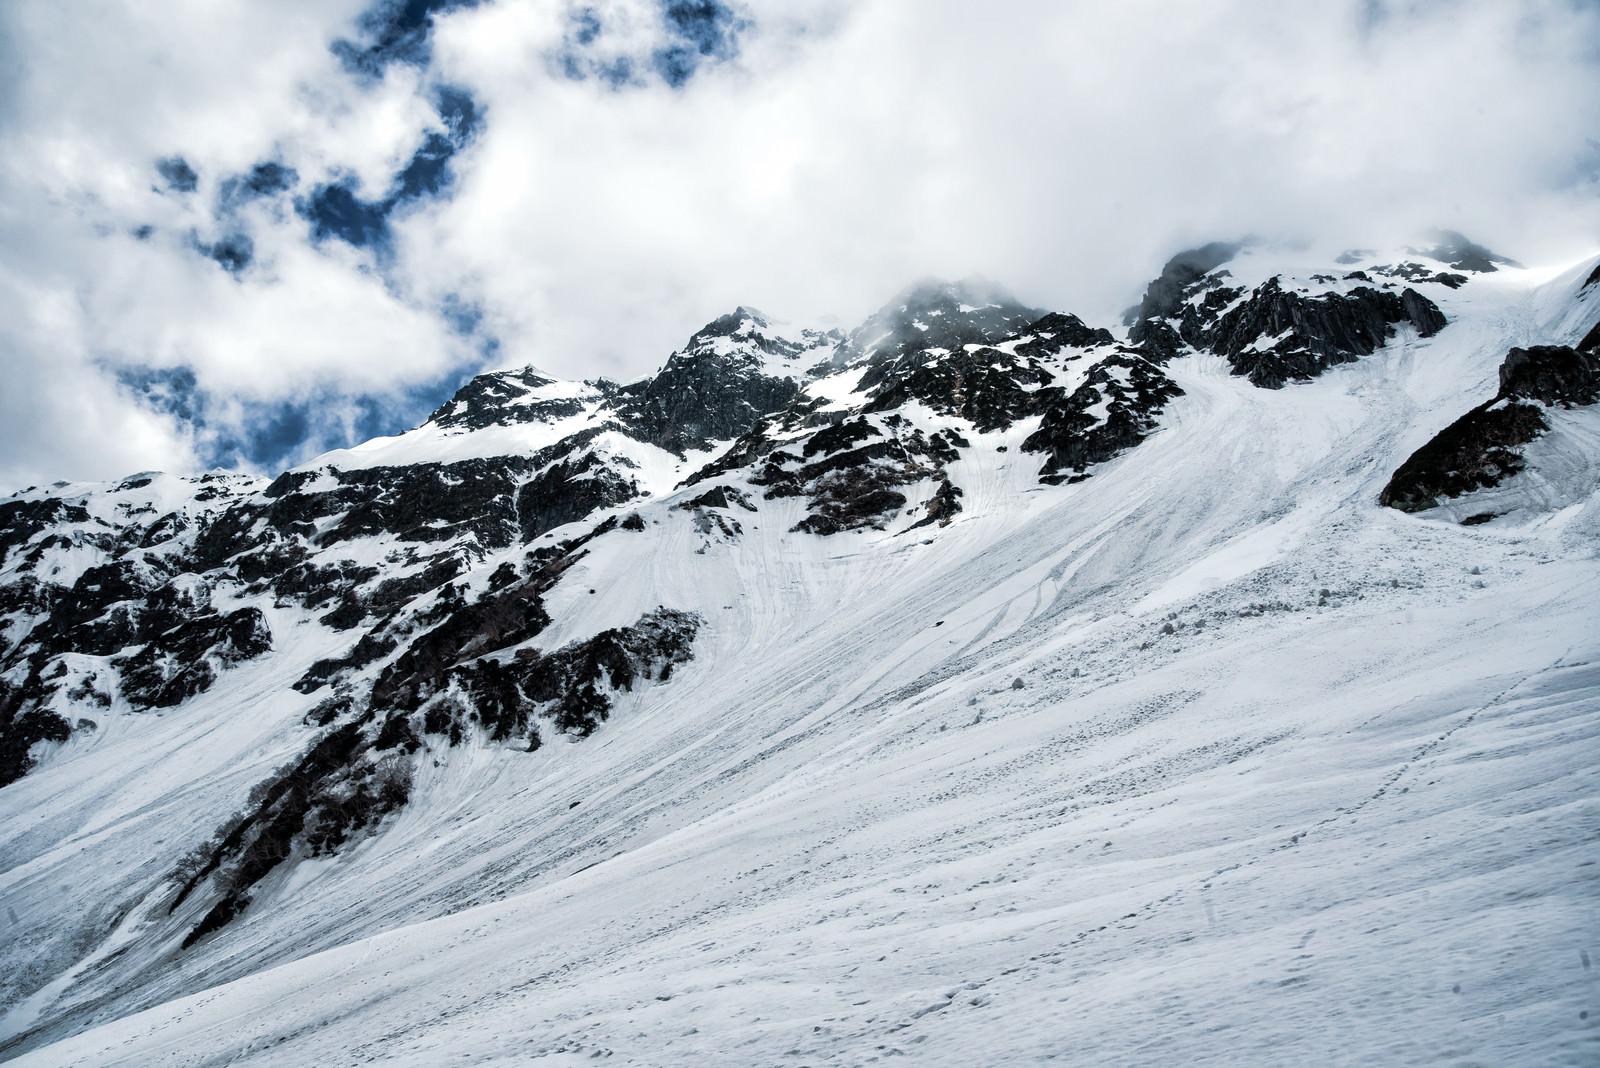 「雪崩跡の残るあずき沢(飛騨山脈)」の写真